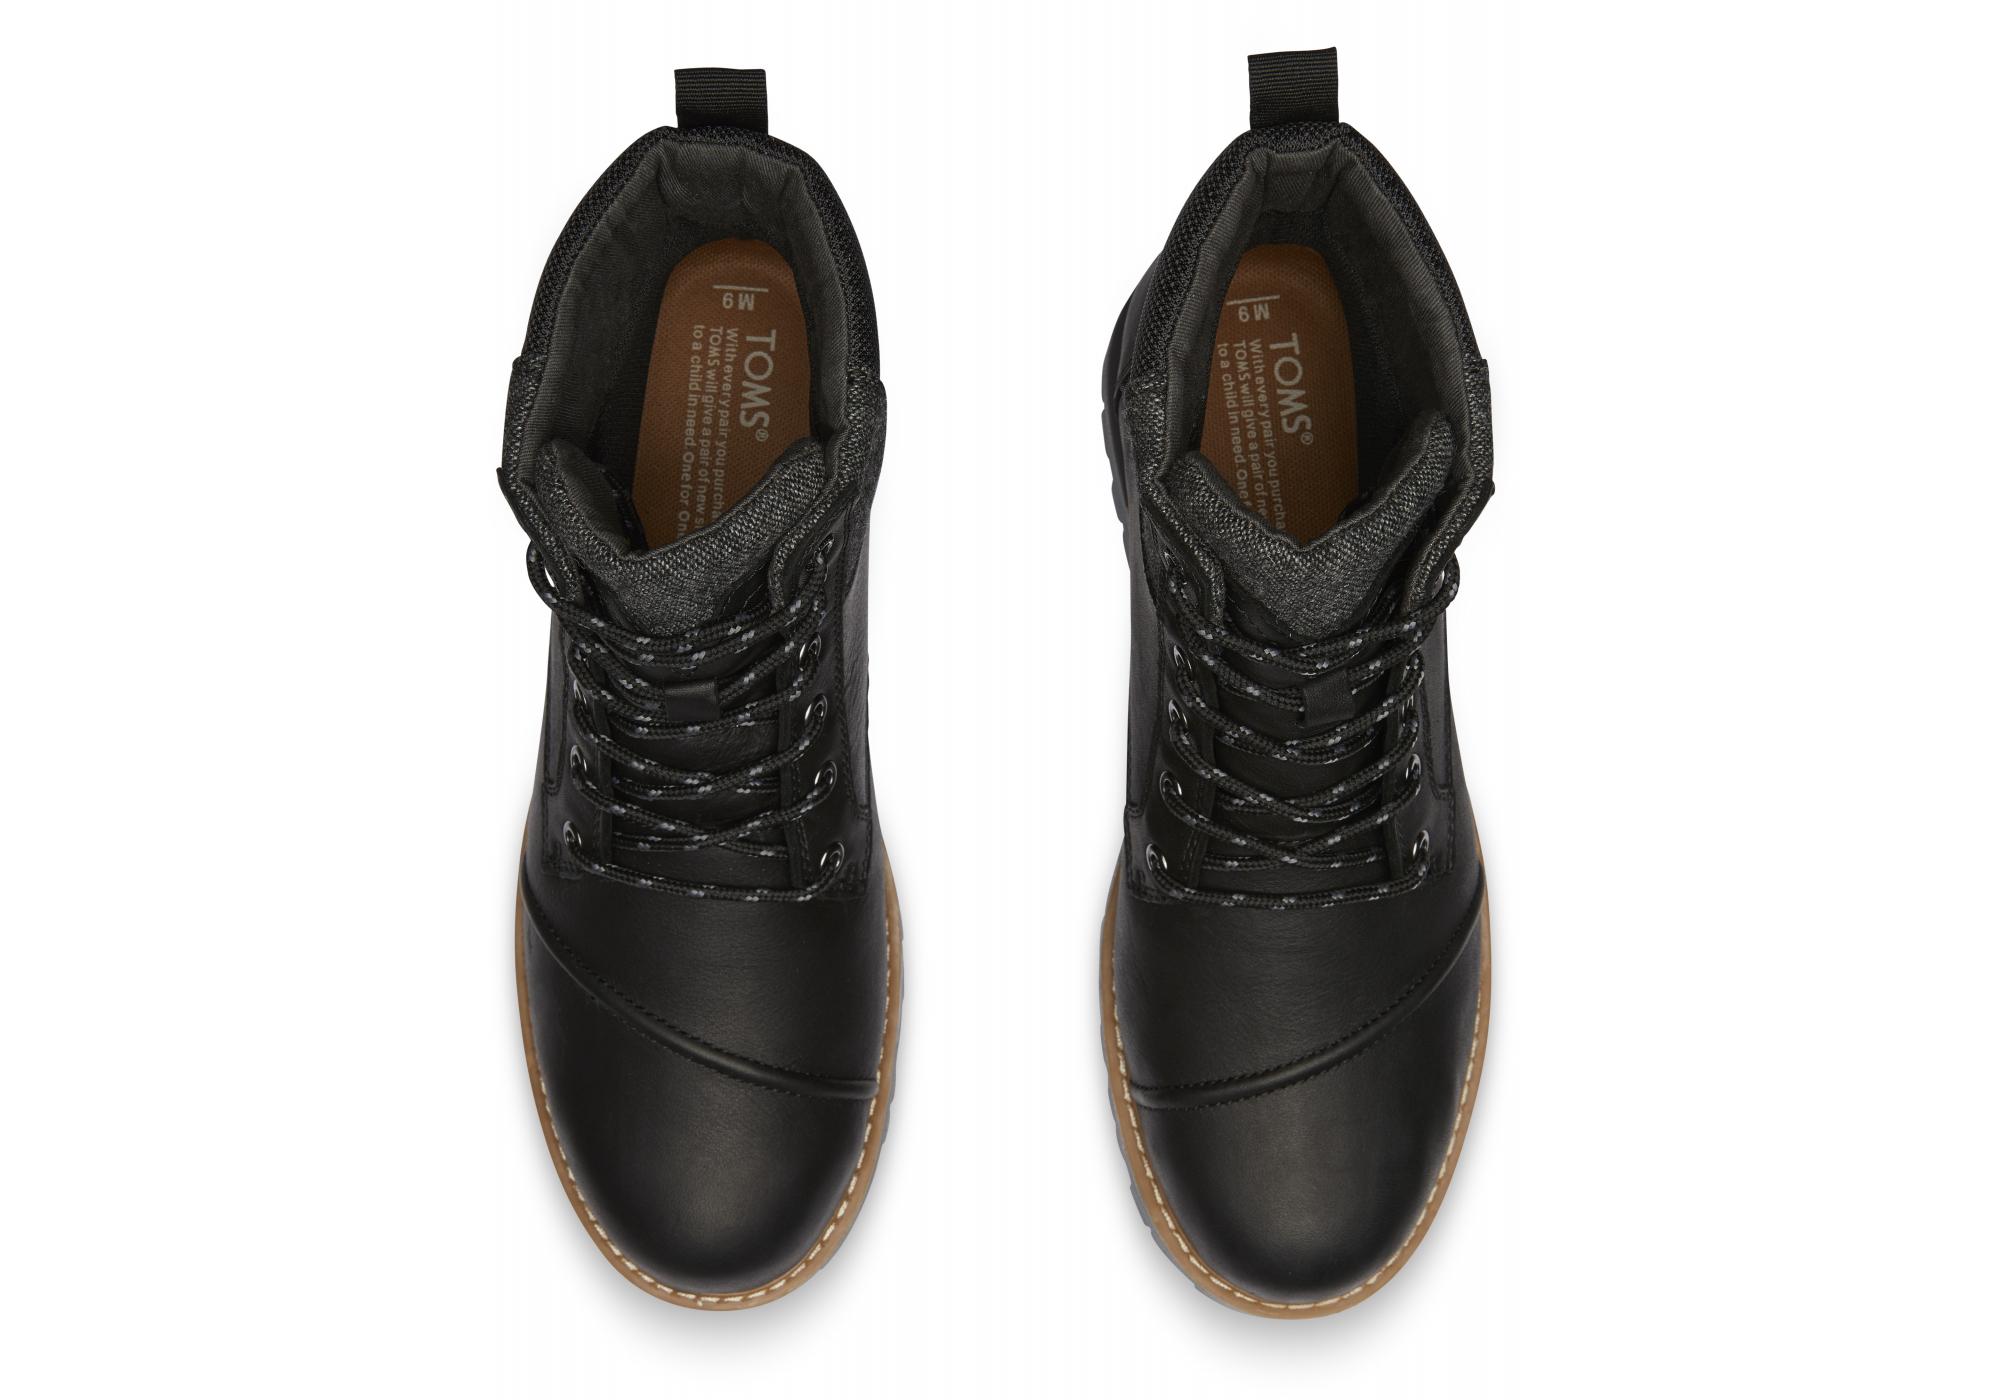 Pánske čierne členkové topánky TOMS Leather Ashland 272796cc38e